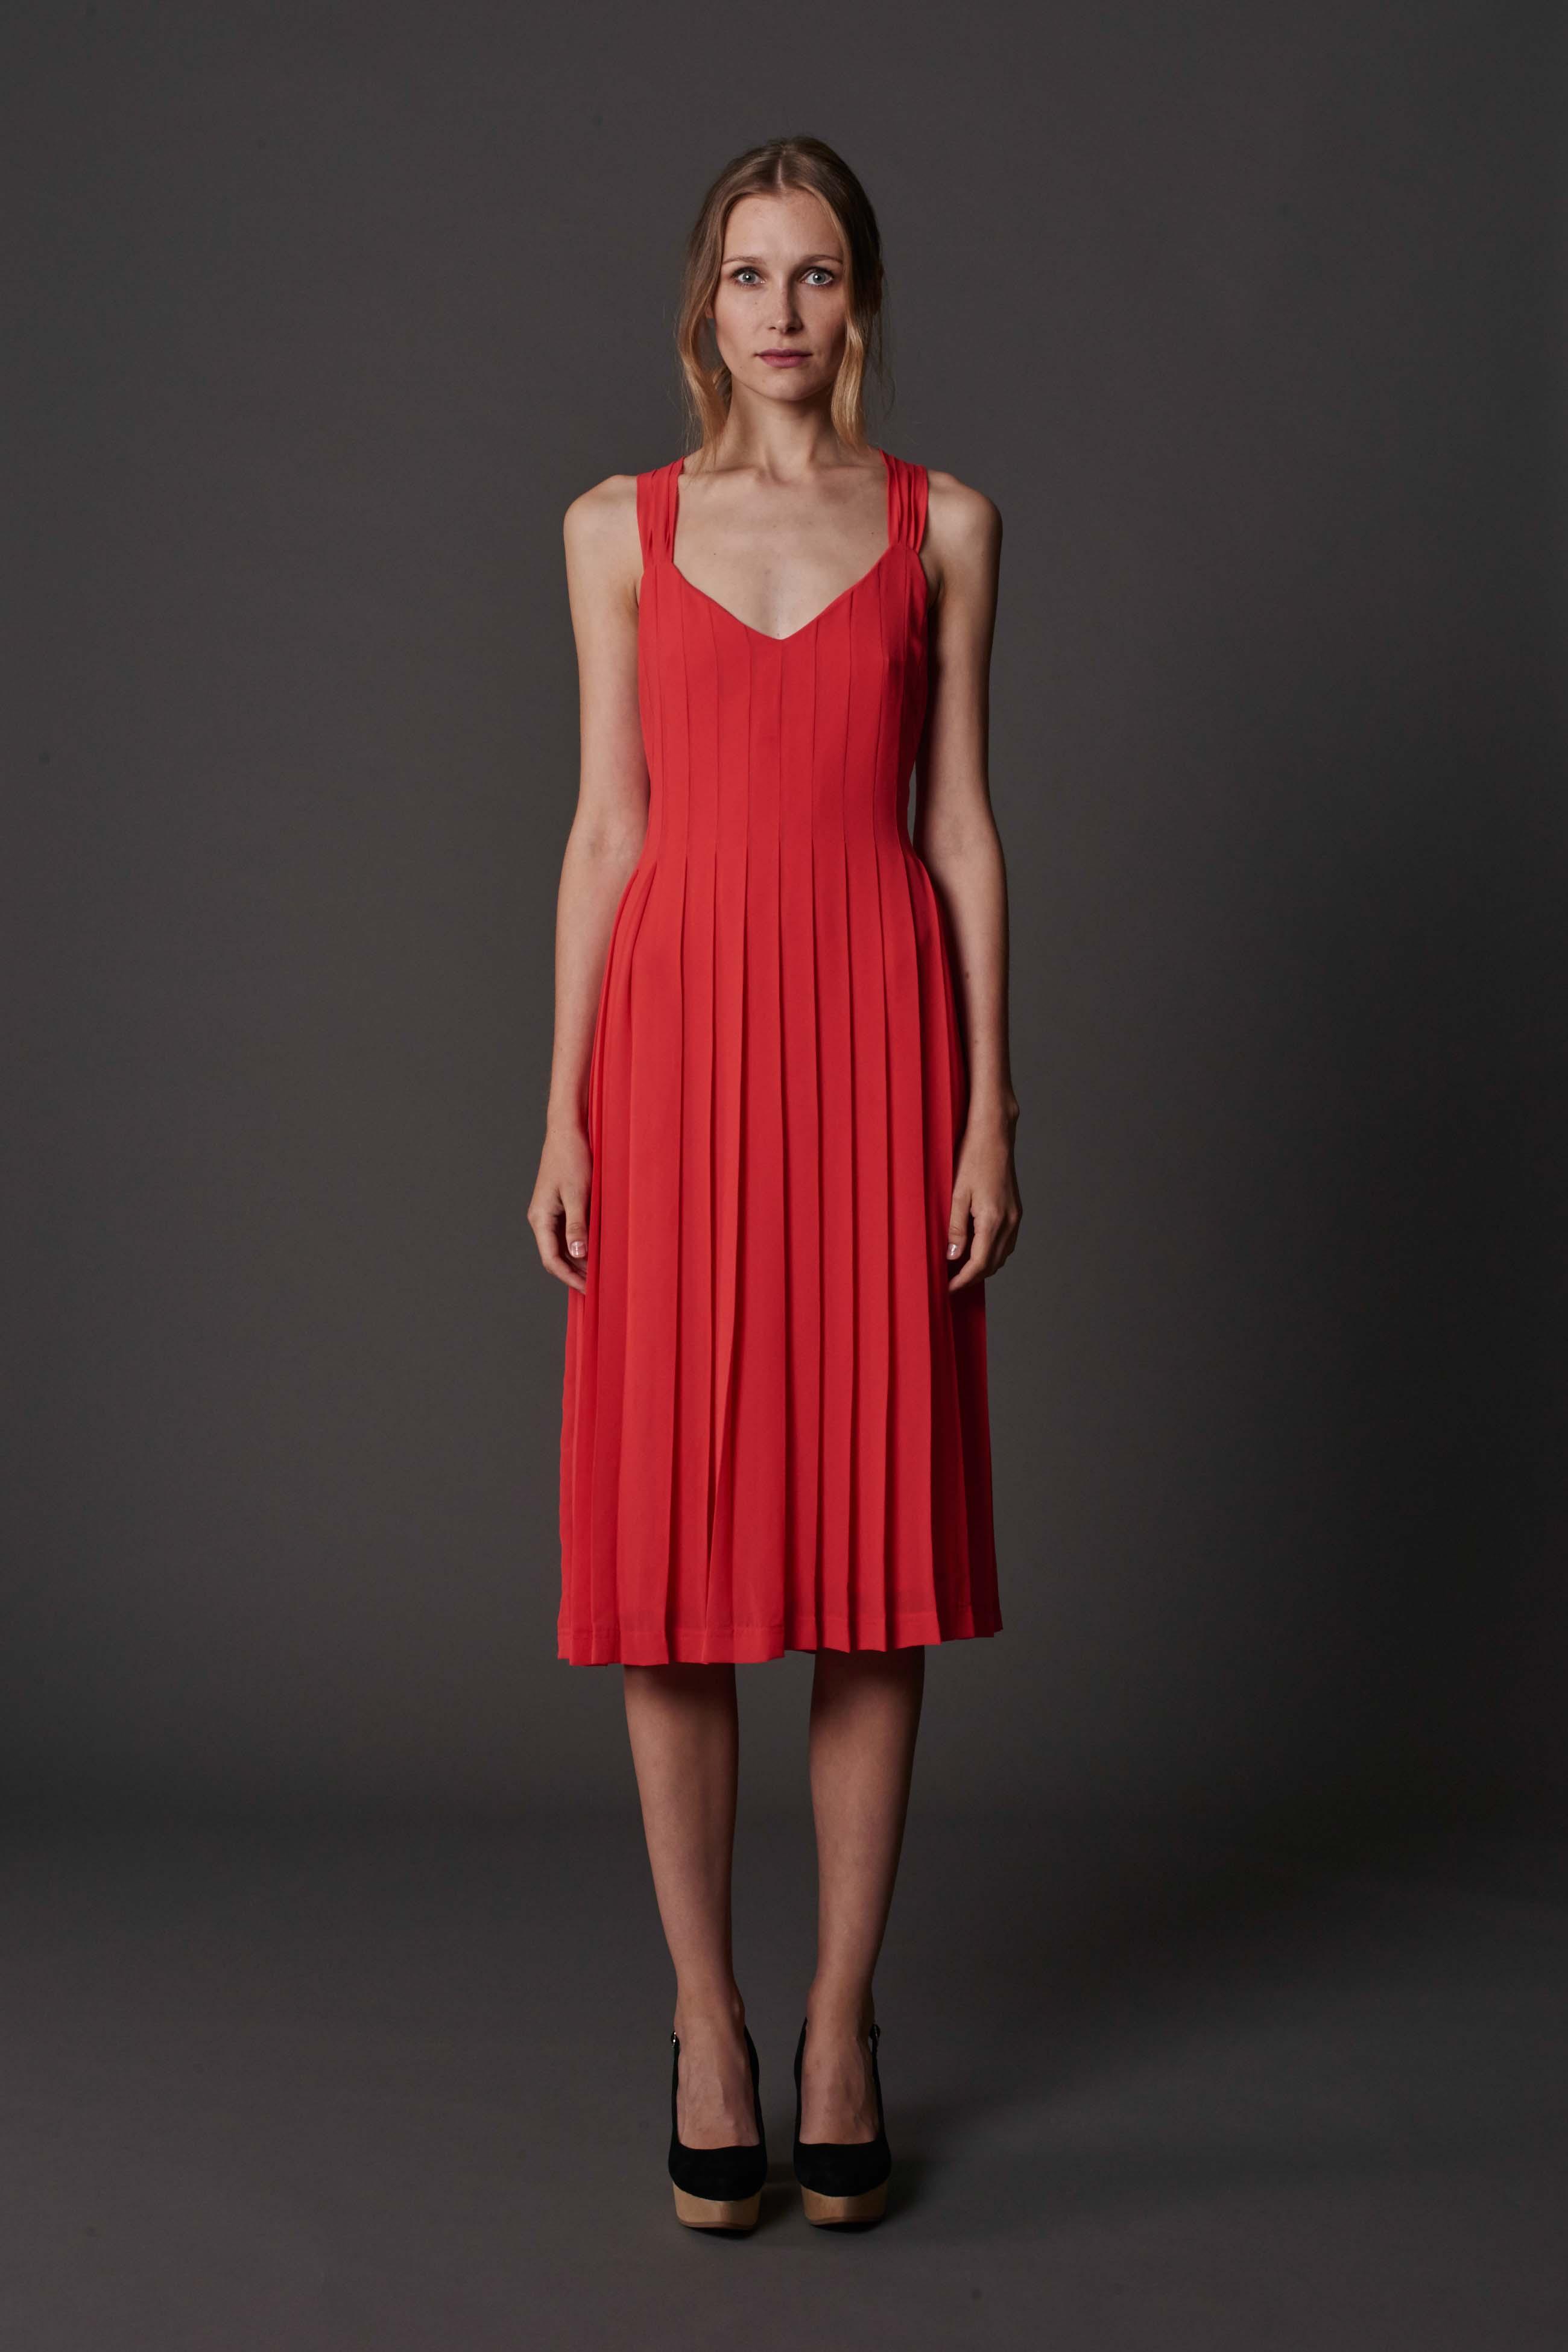 RUBY Lila Pleat Dress & Halo Heel